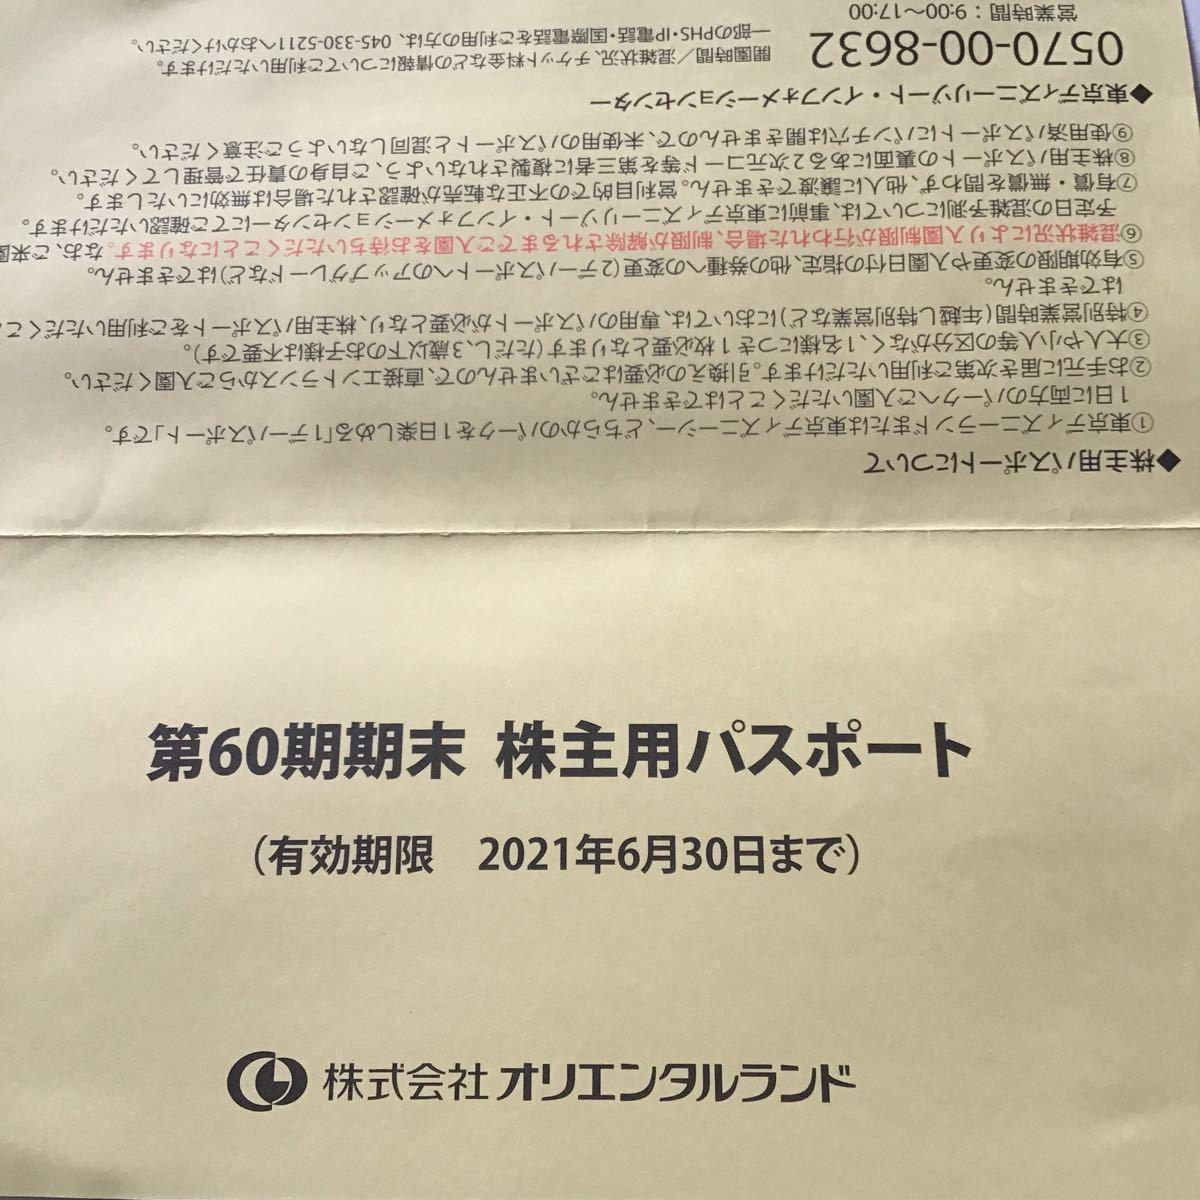 東京ディズニーリゾート 株主優待パスポート オリエンタルランド 株主優待券 チケット パスポート 2022年1月31日 有効期限_画像3